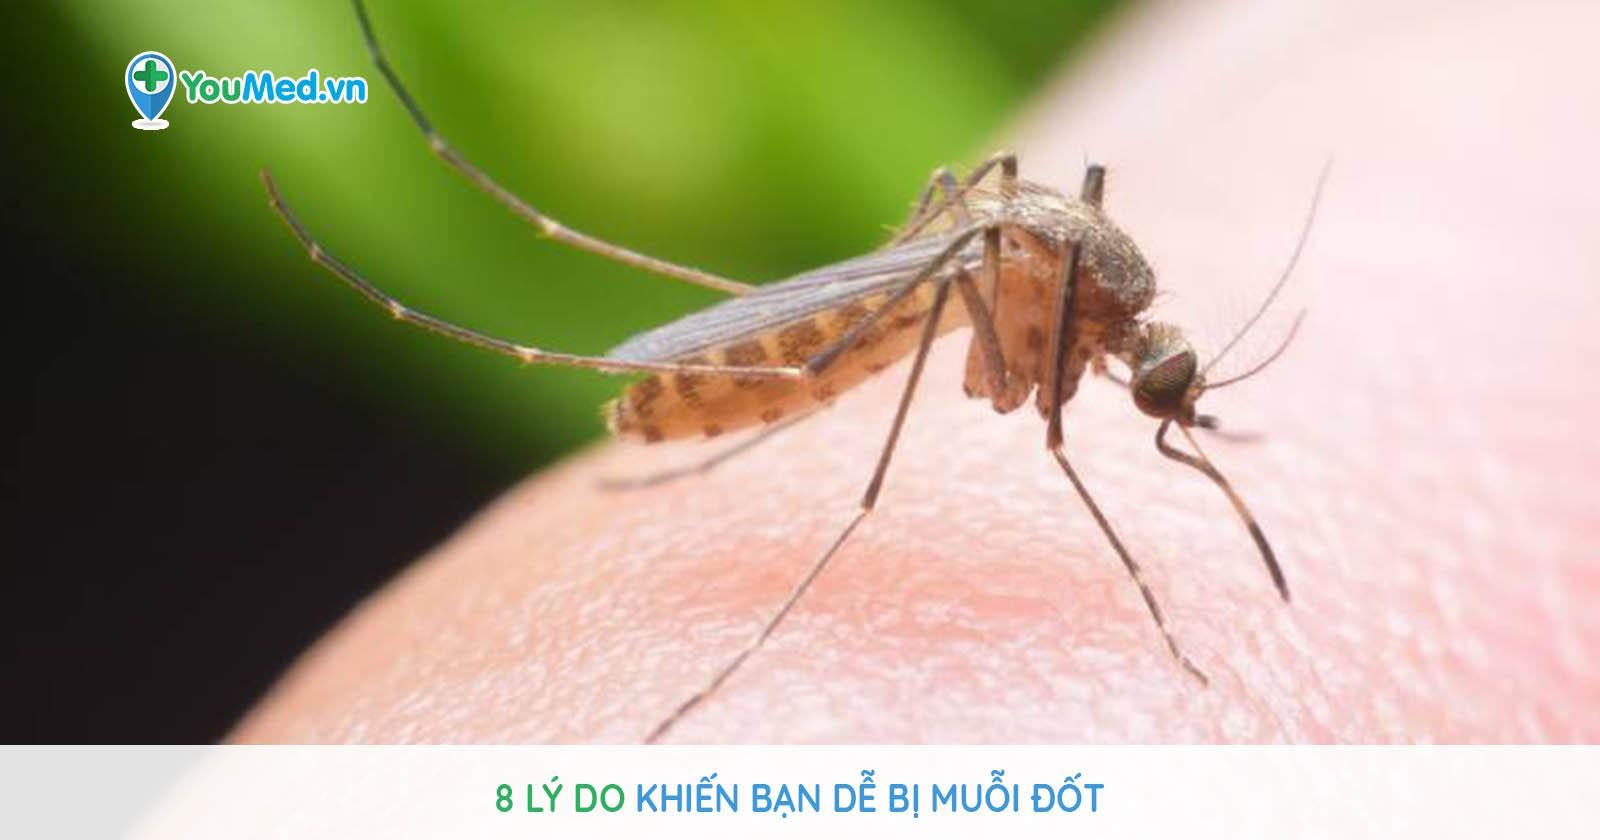 8 lý do khiến bạn dễ bị muỗi đốt